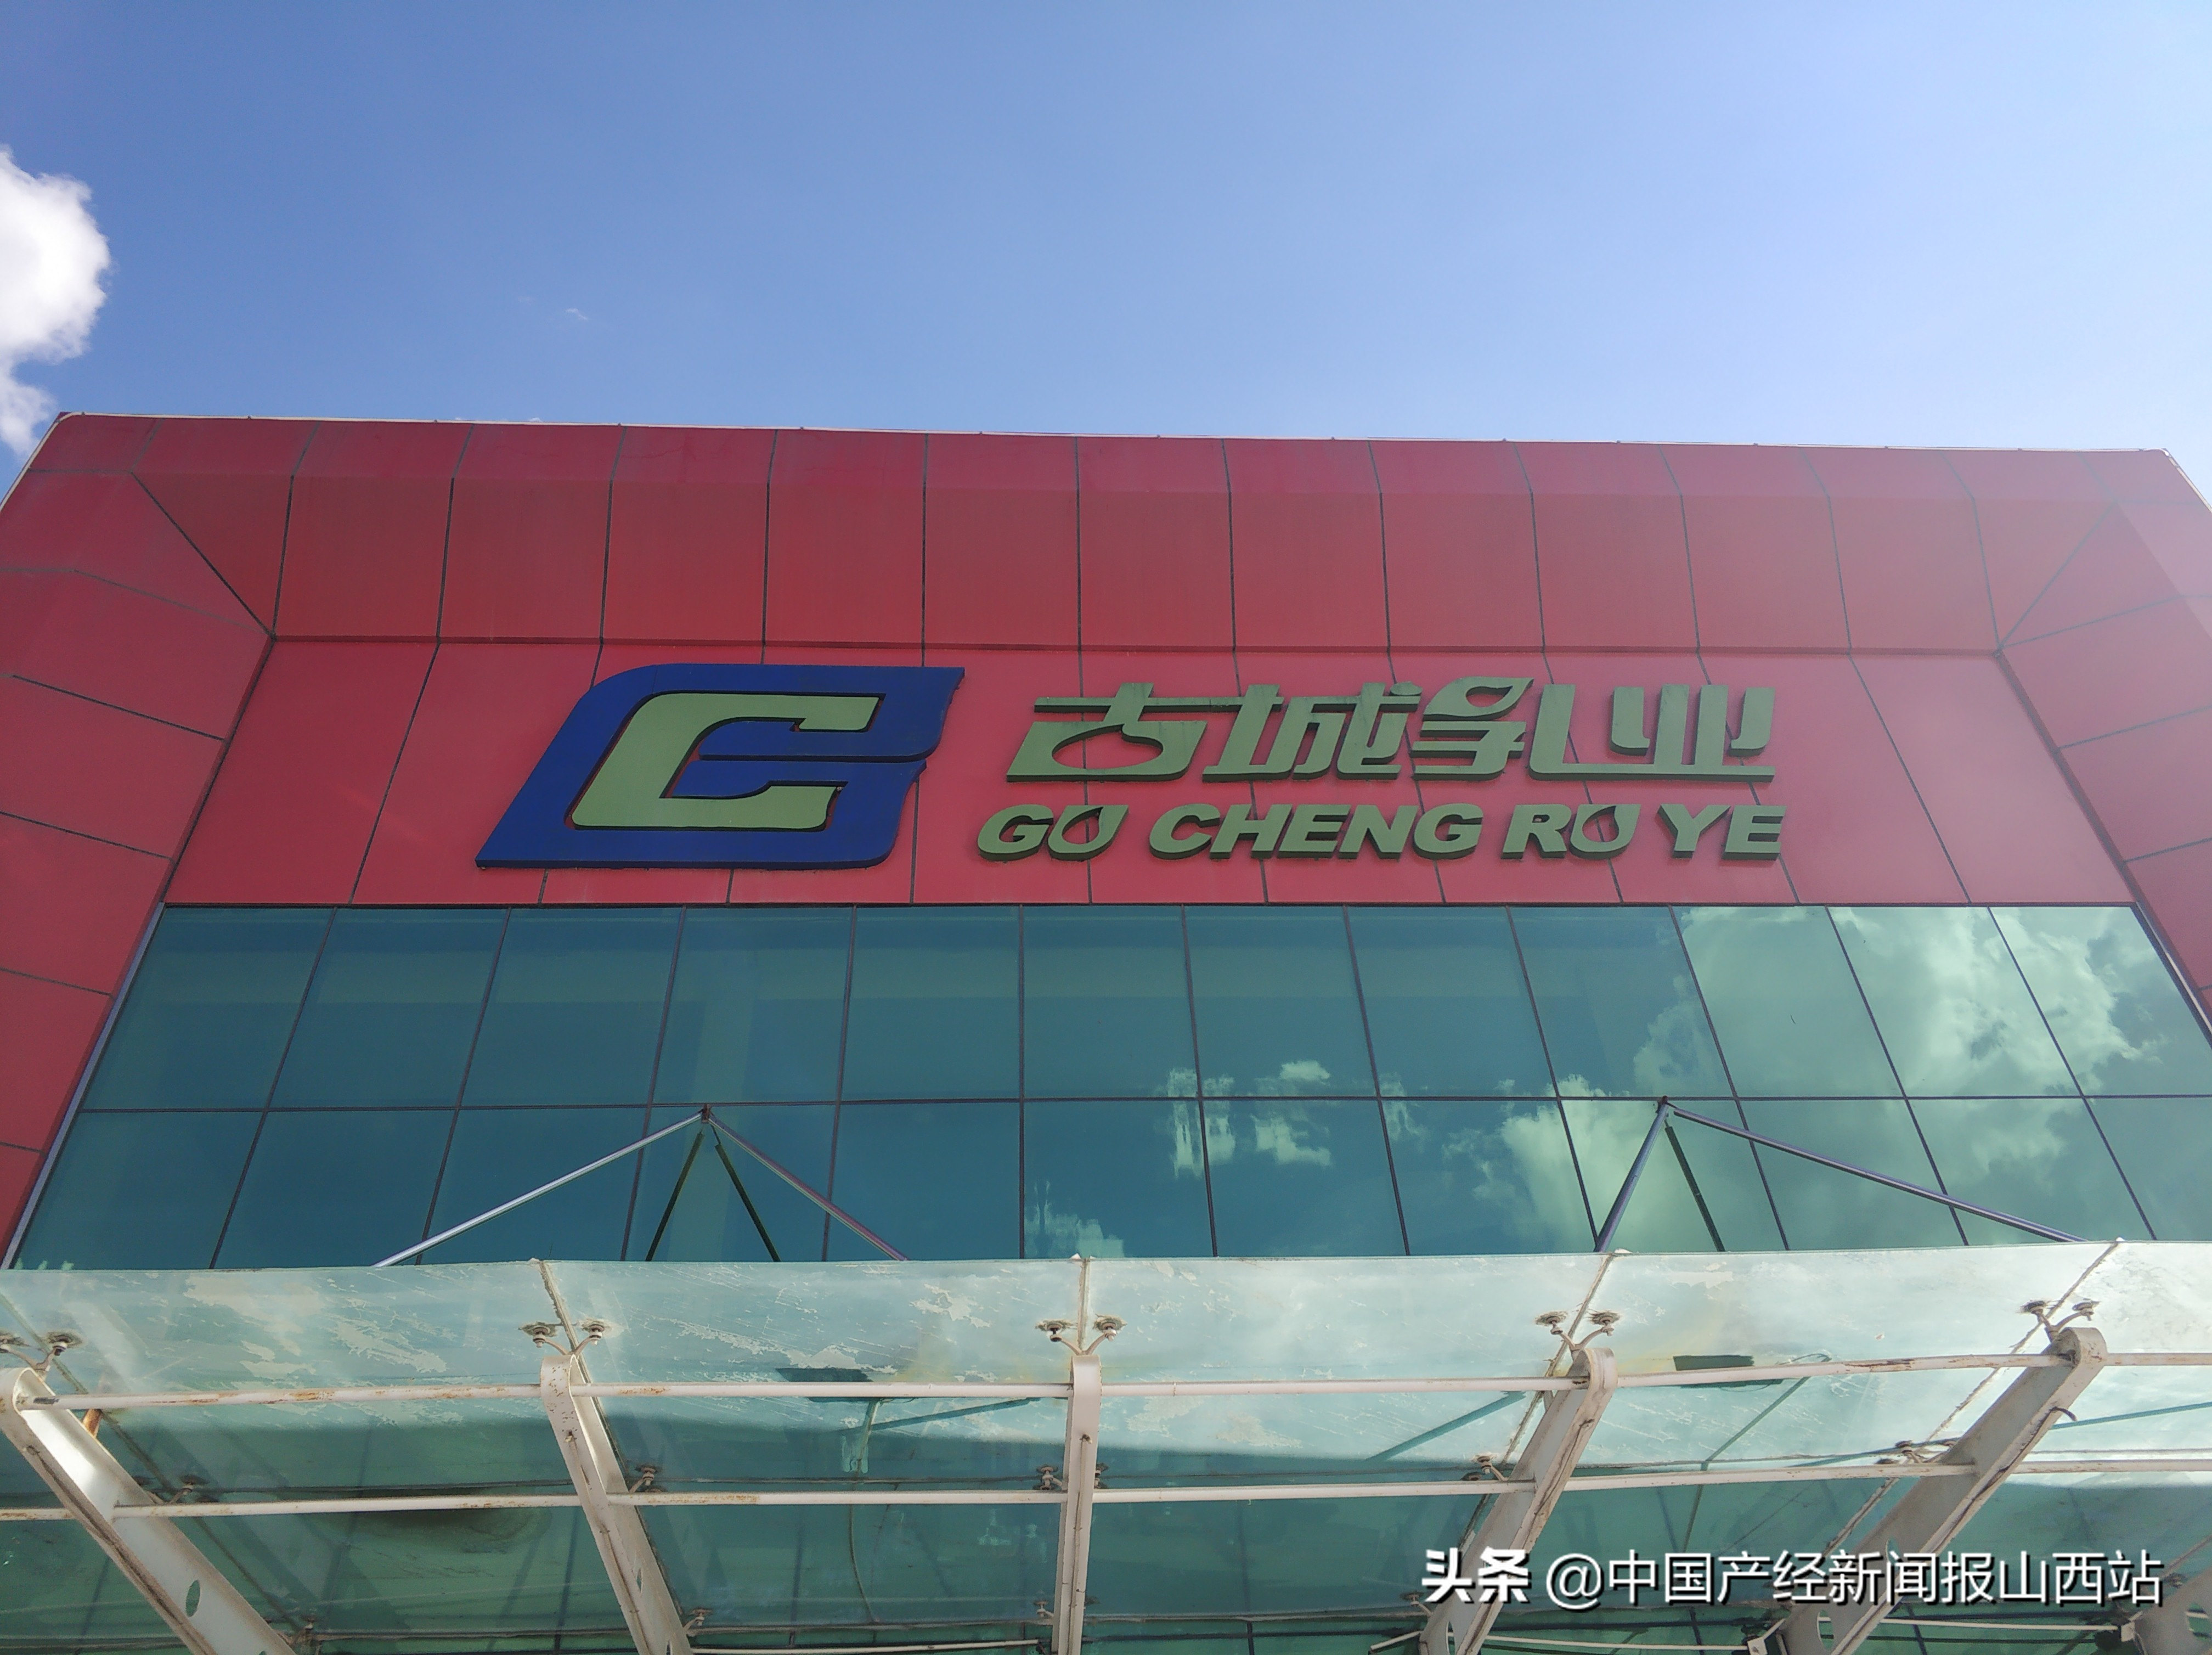 山西山阴县:乳品产业引领精准扶贫,龙头带动脱贫奔小康